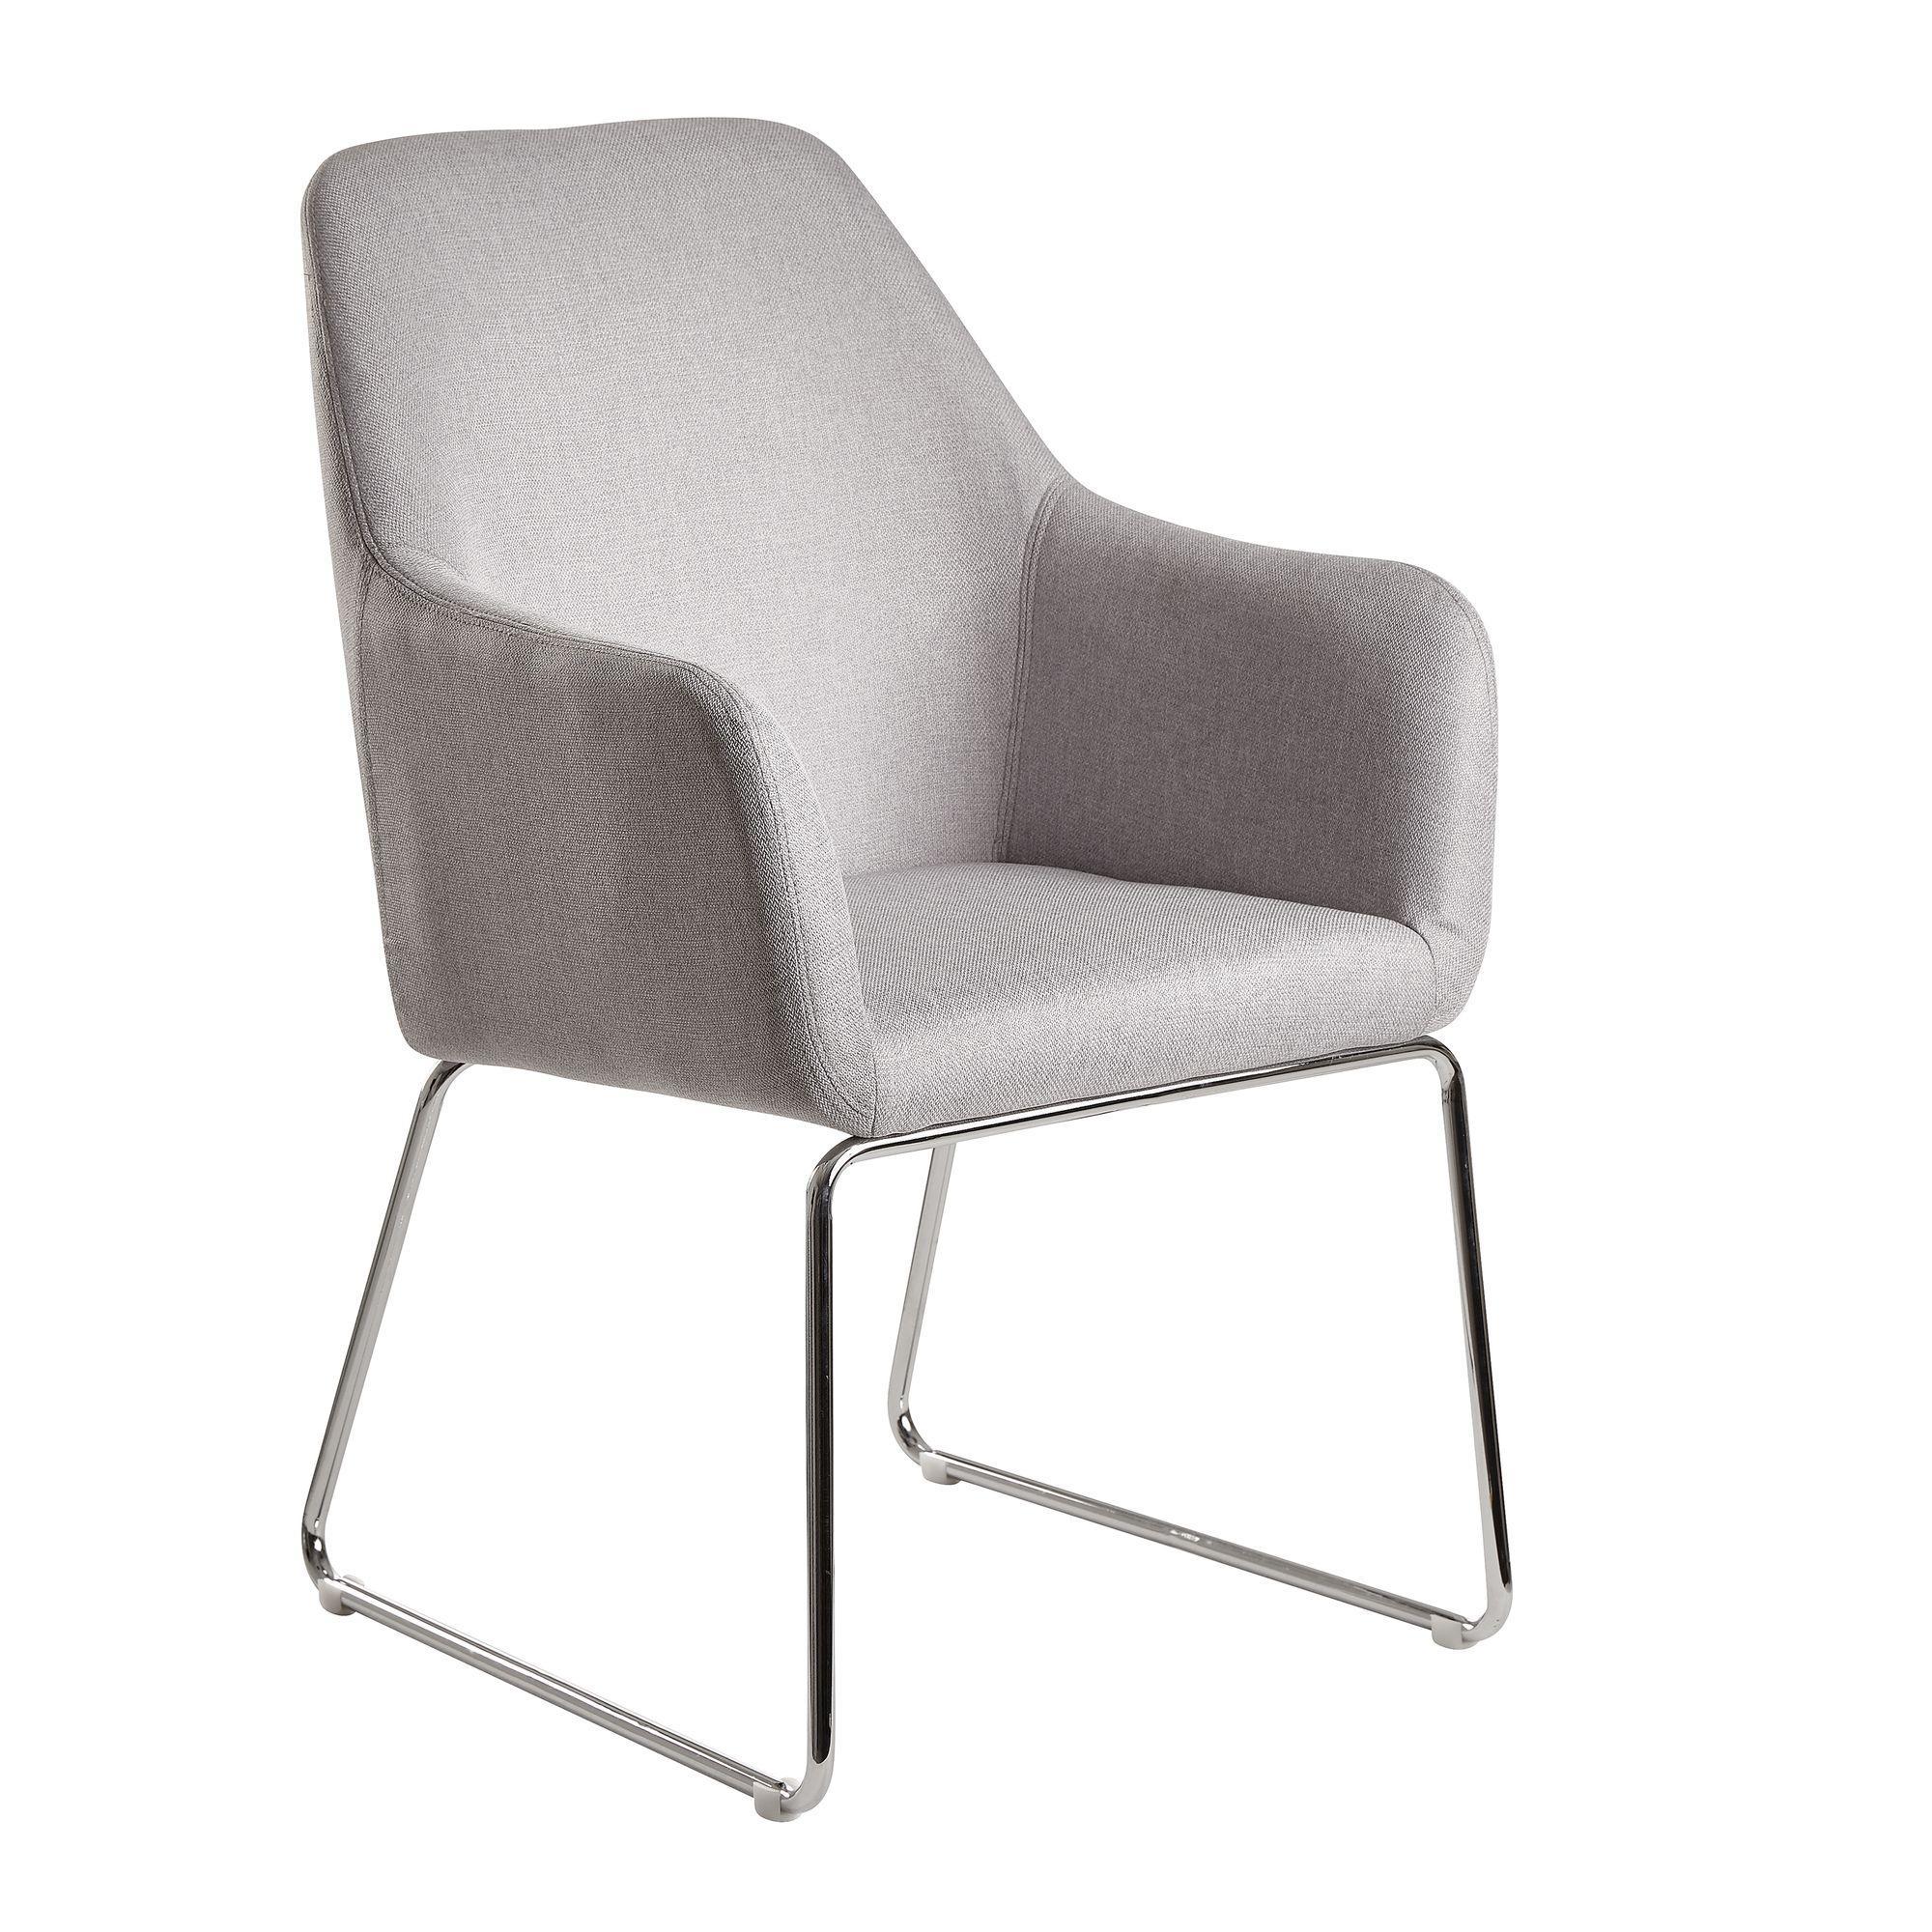 Beige Stühle Mit Silbernen Beinen